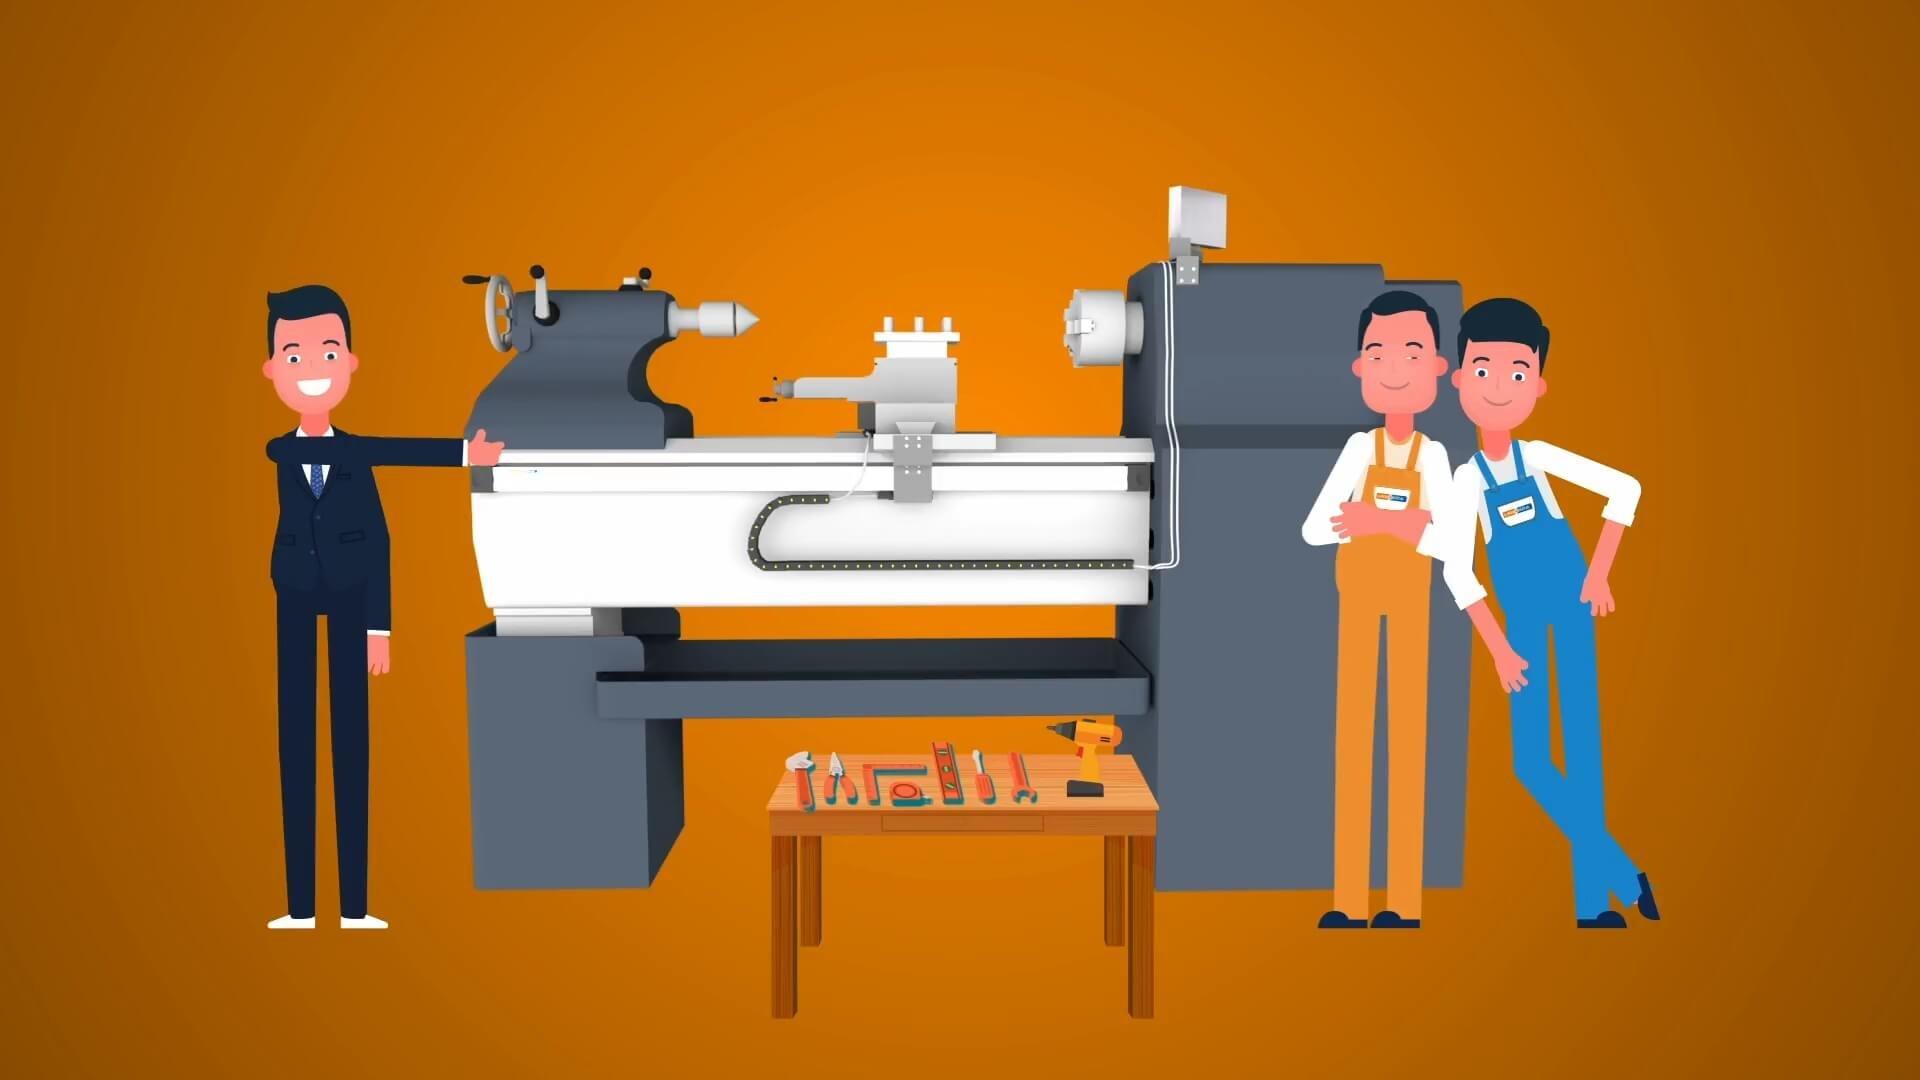 Emos Marketing 2D3D Hibrit Torna Tezgahı Filmi 14 1920x1080 - Emos Marketing 2D+3D Hibrit Torna Tezgahı Tanıtım Filmi